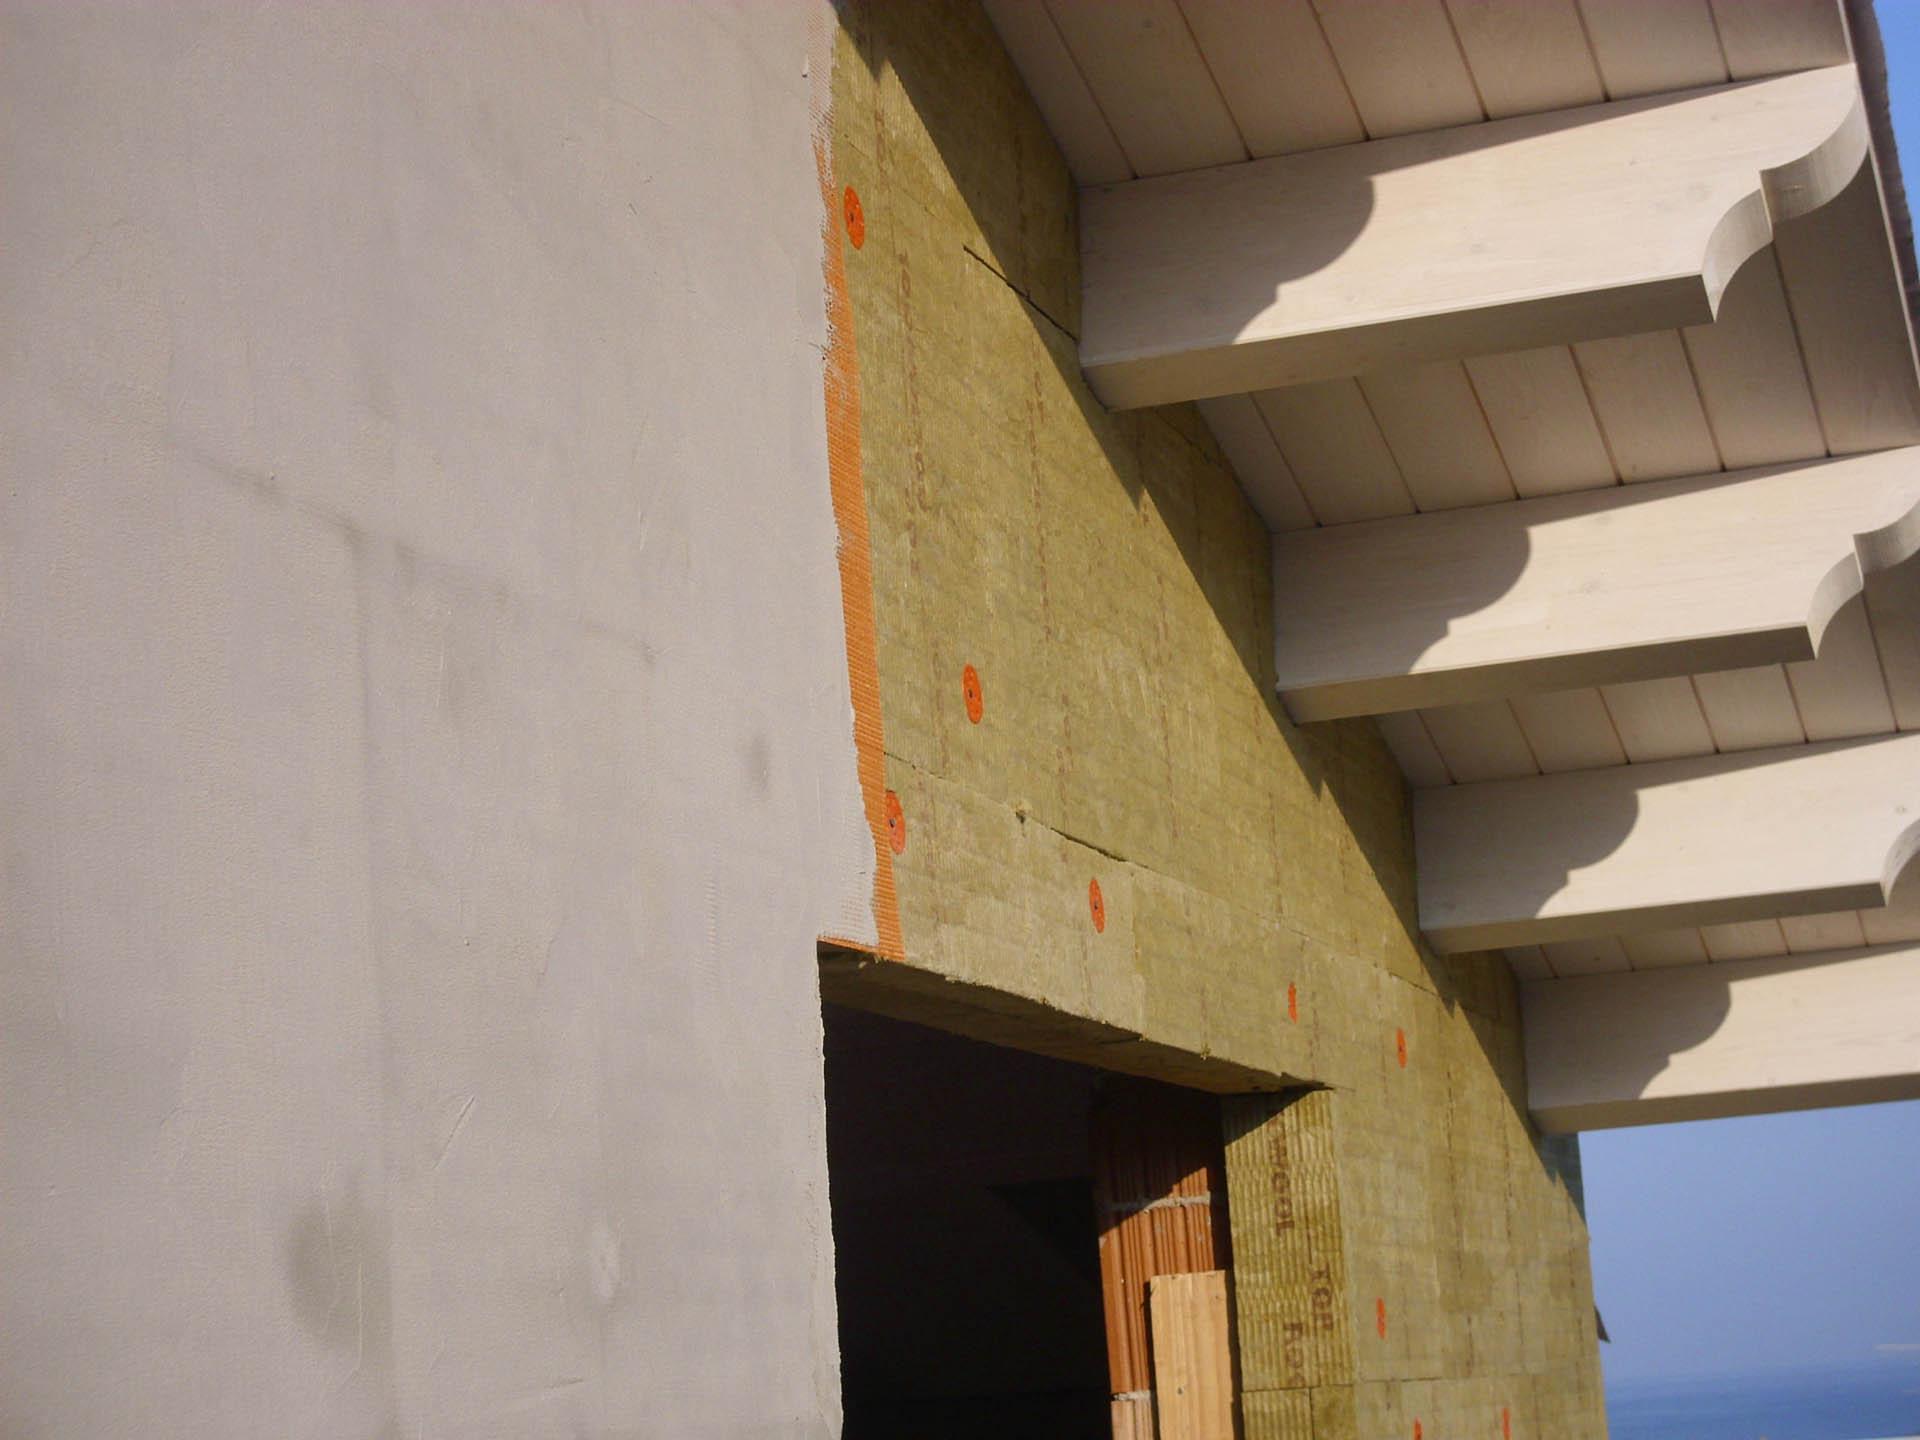 Progettazione di un involucro edilizio con lana di roccia